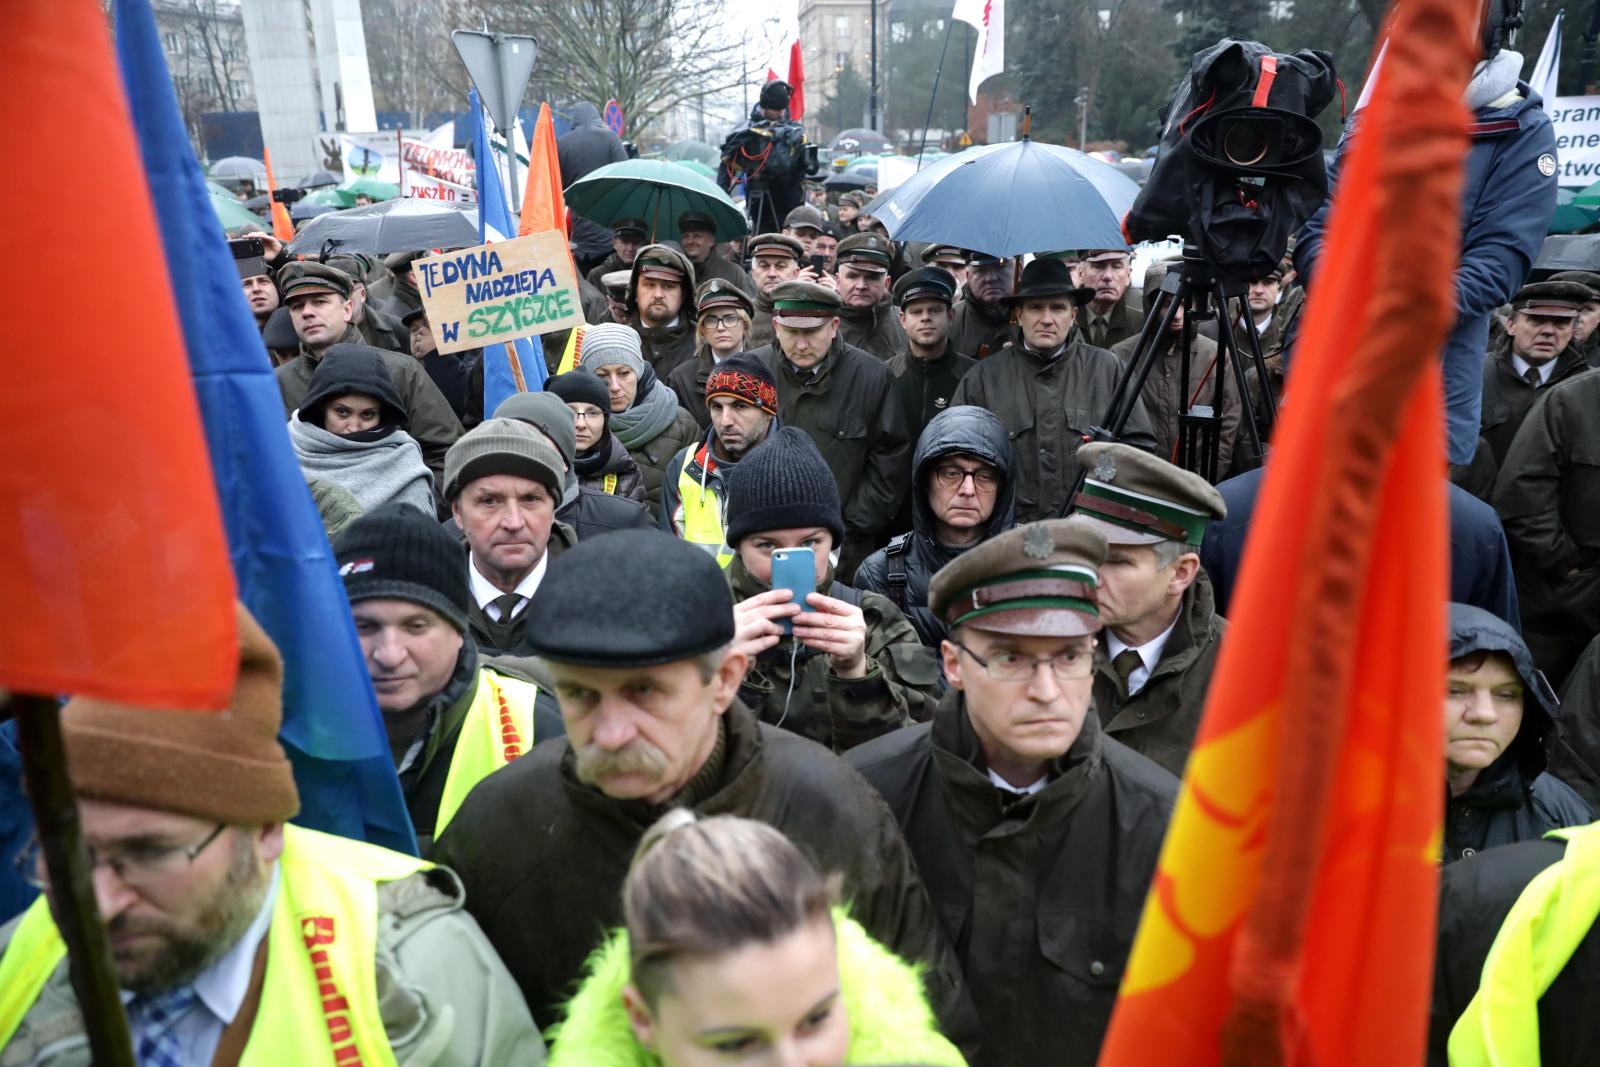 Warszawa, 22.11.2017. Manifestacja poparcia dla polityki ministra środowiska. fot. PAP/Tomasz Gzell